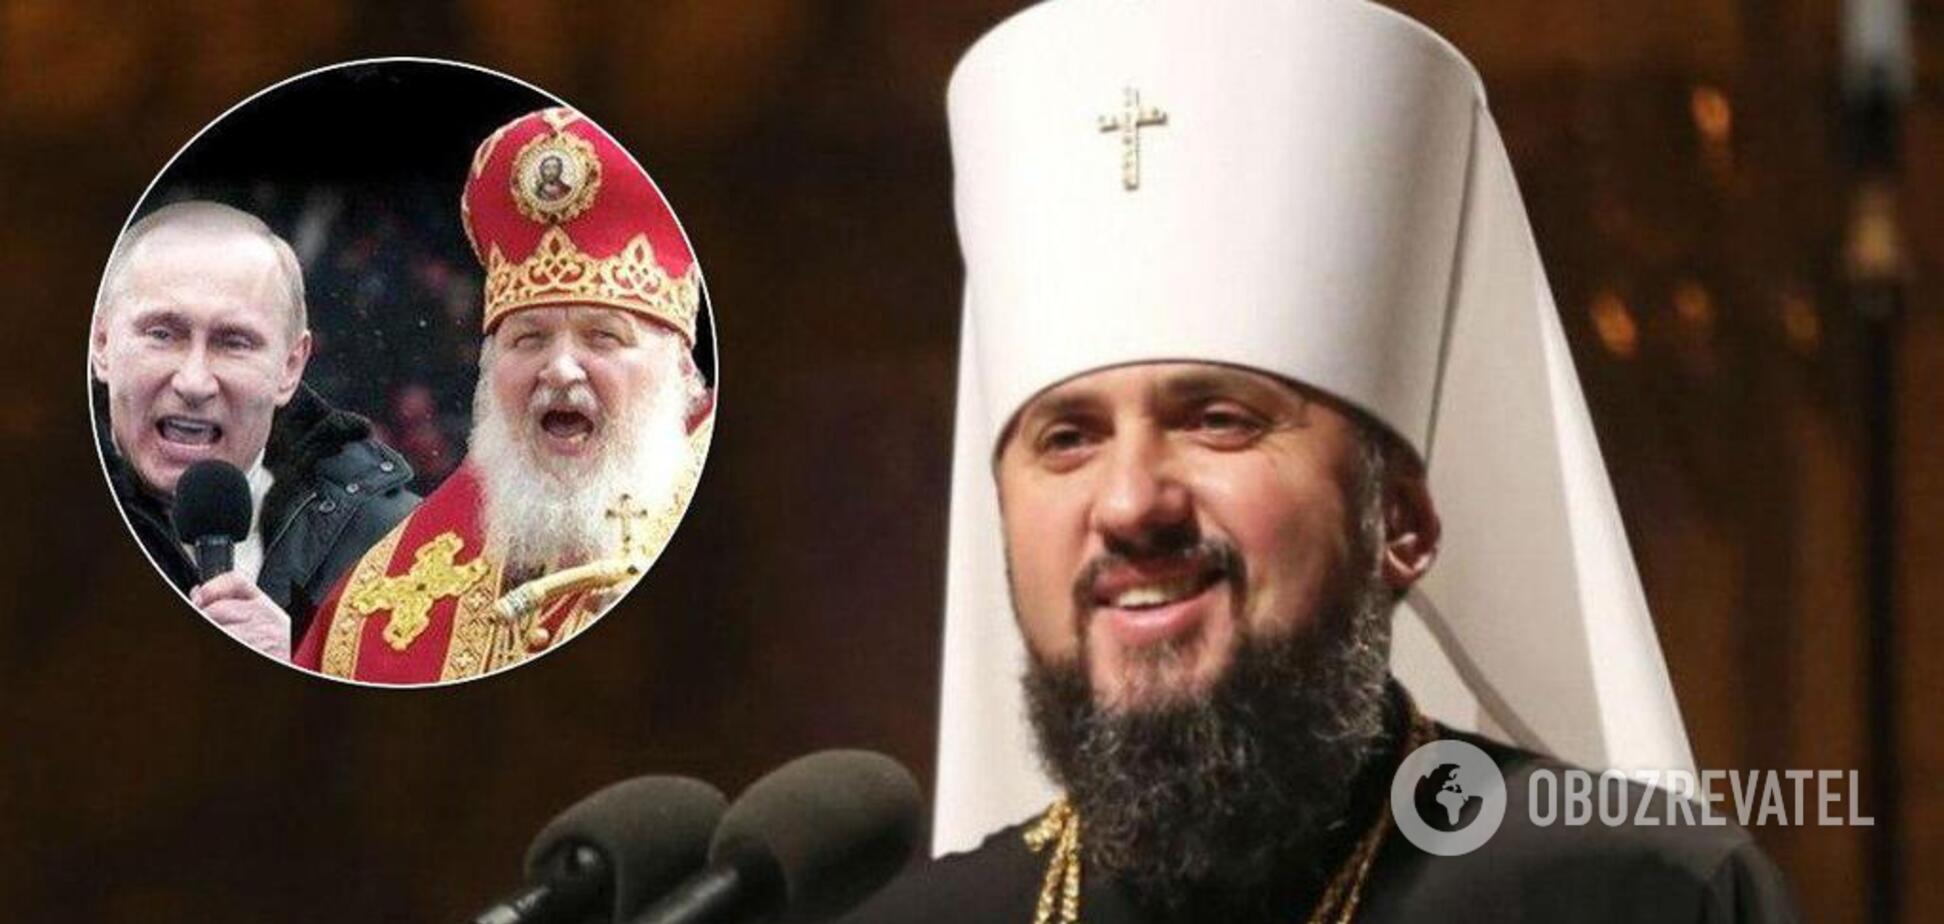 Епифаний предложил перенести Рождество в Украине: названо условие